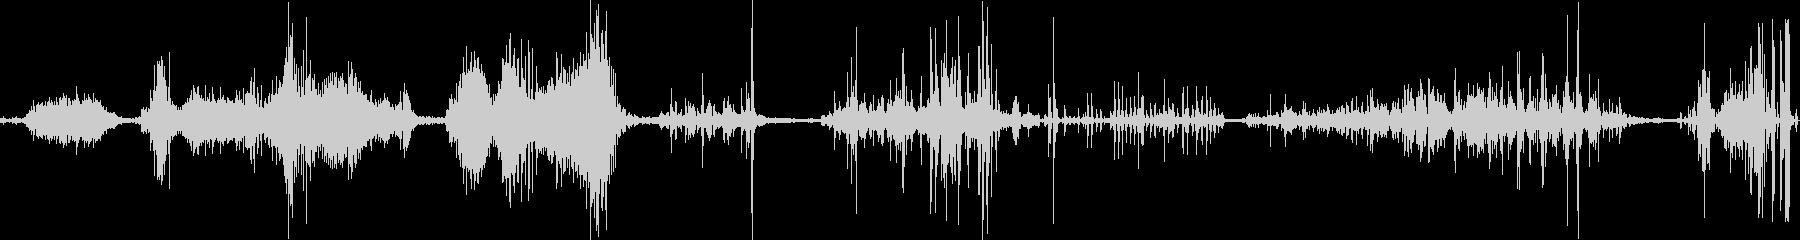 地震おしゃべりランブルの未再生の波形